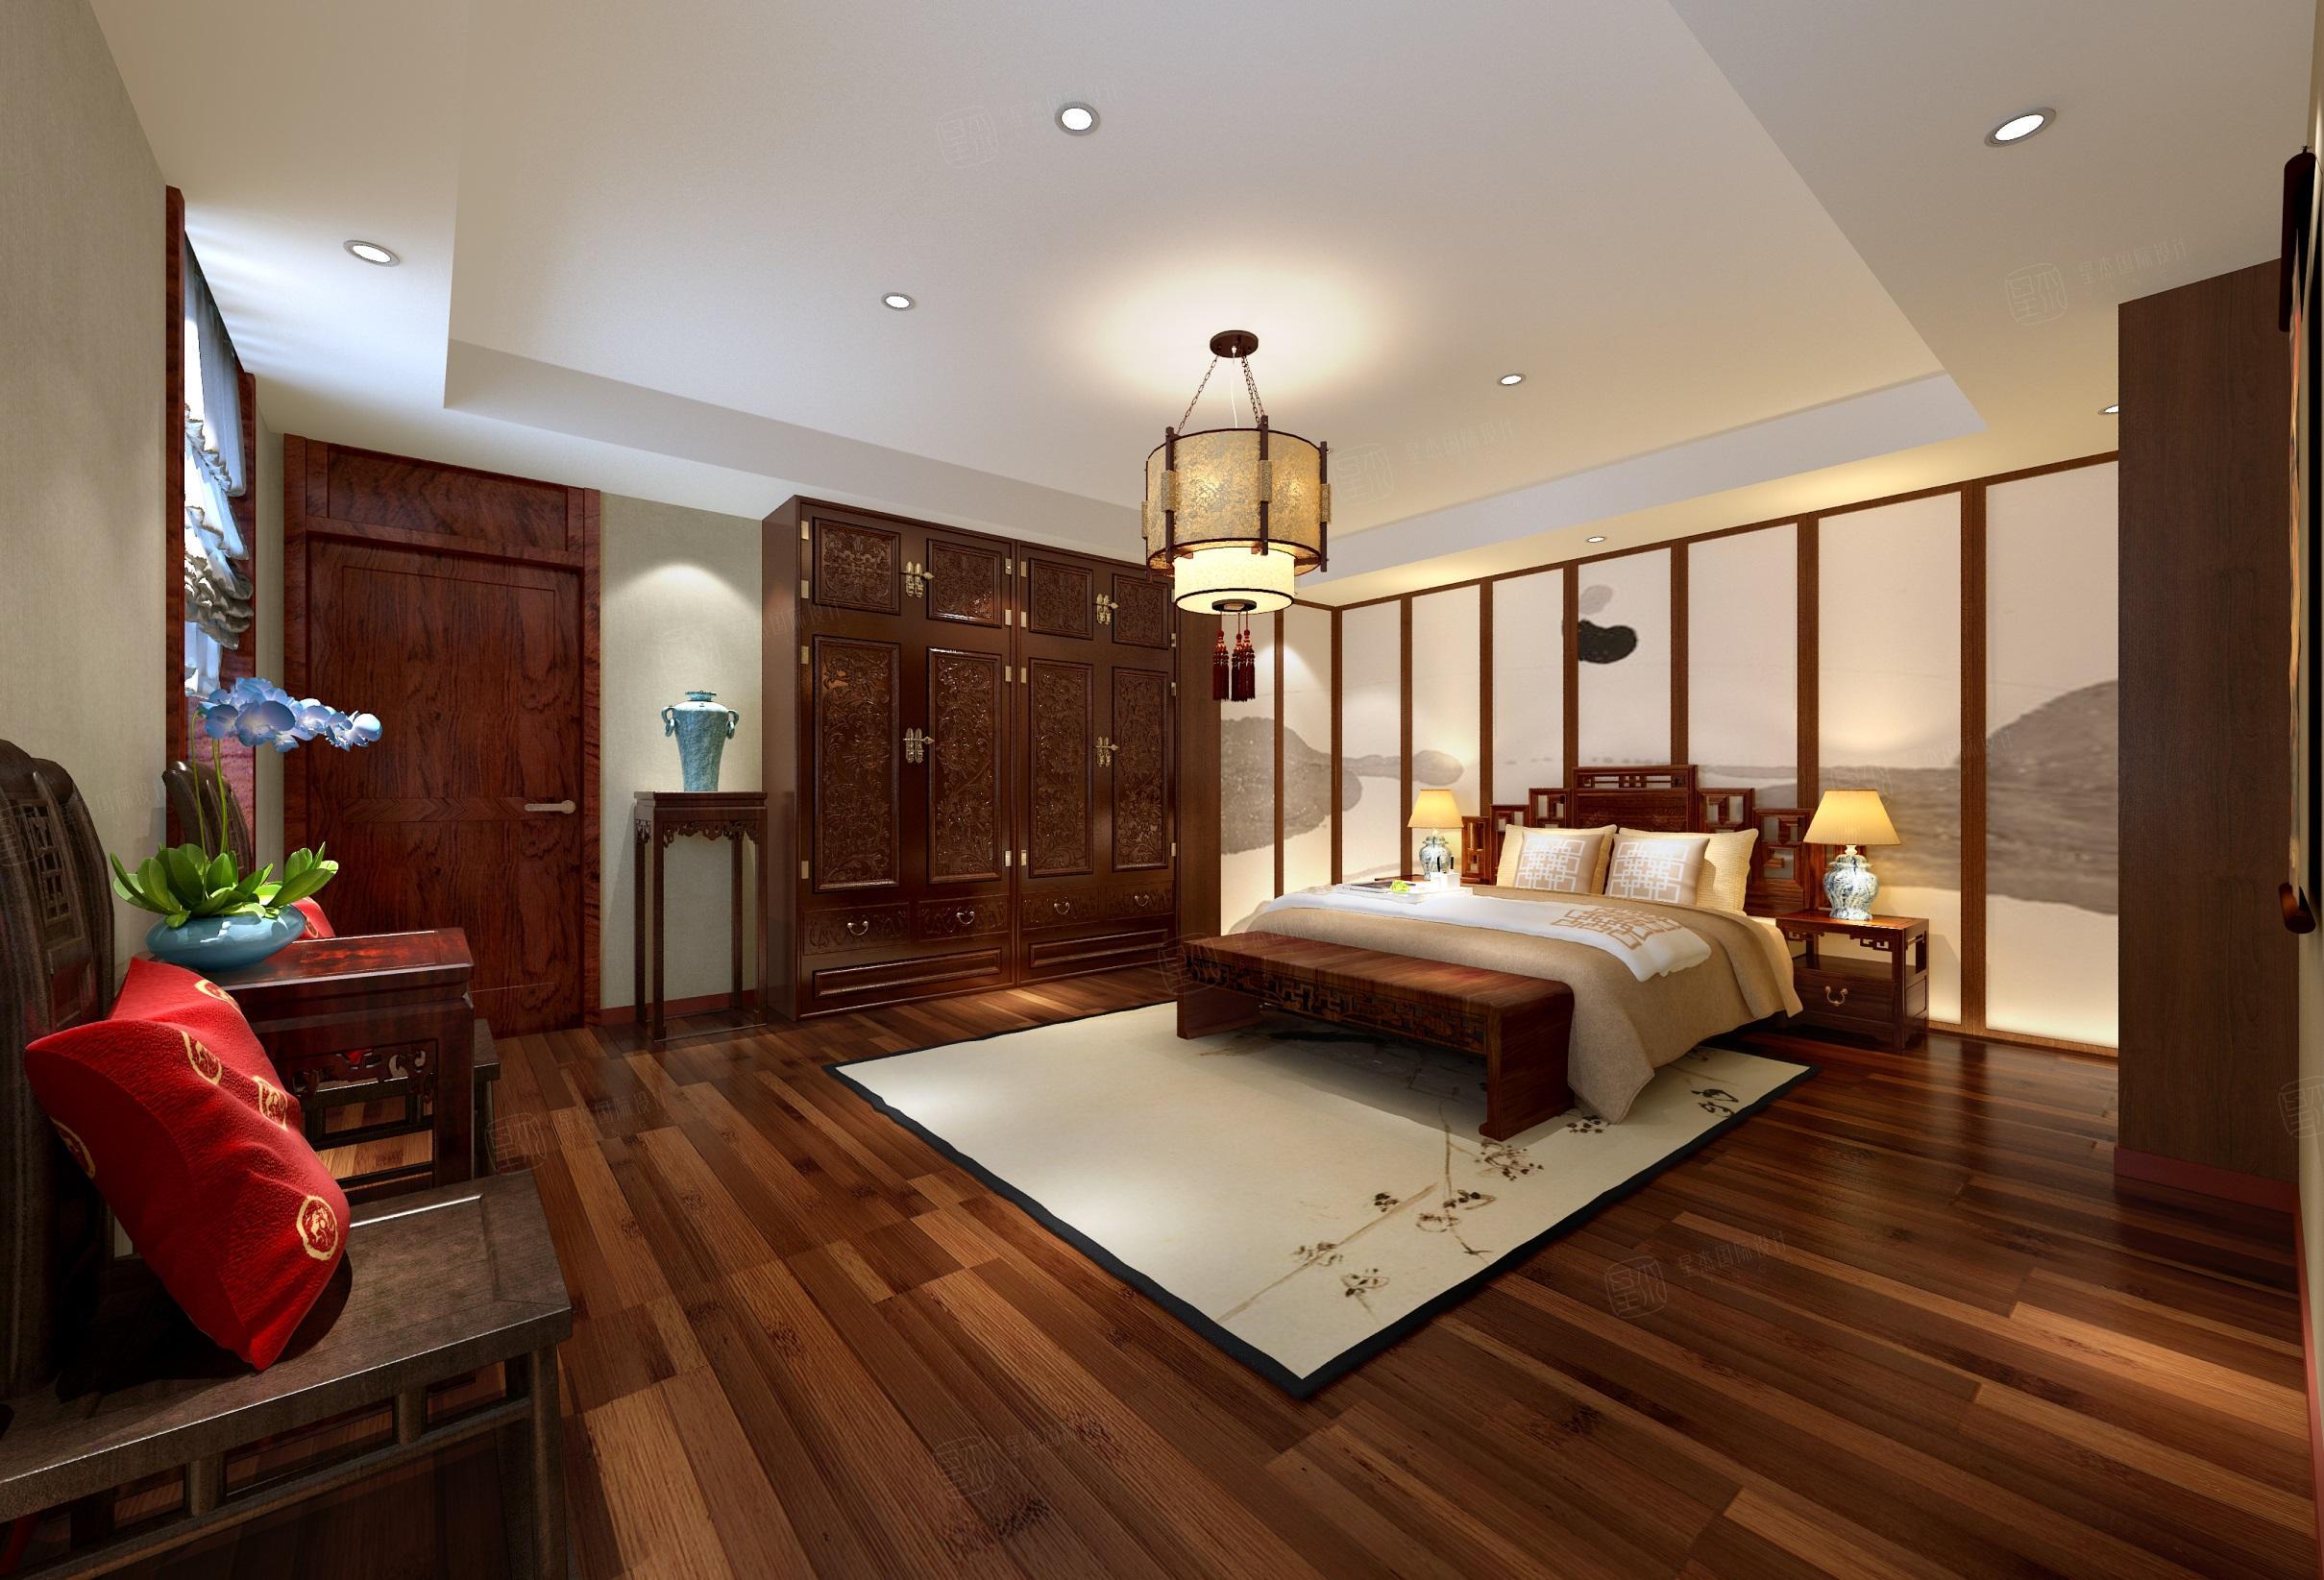 苏州绿城桃花源 中式装修卧室效果图